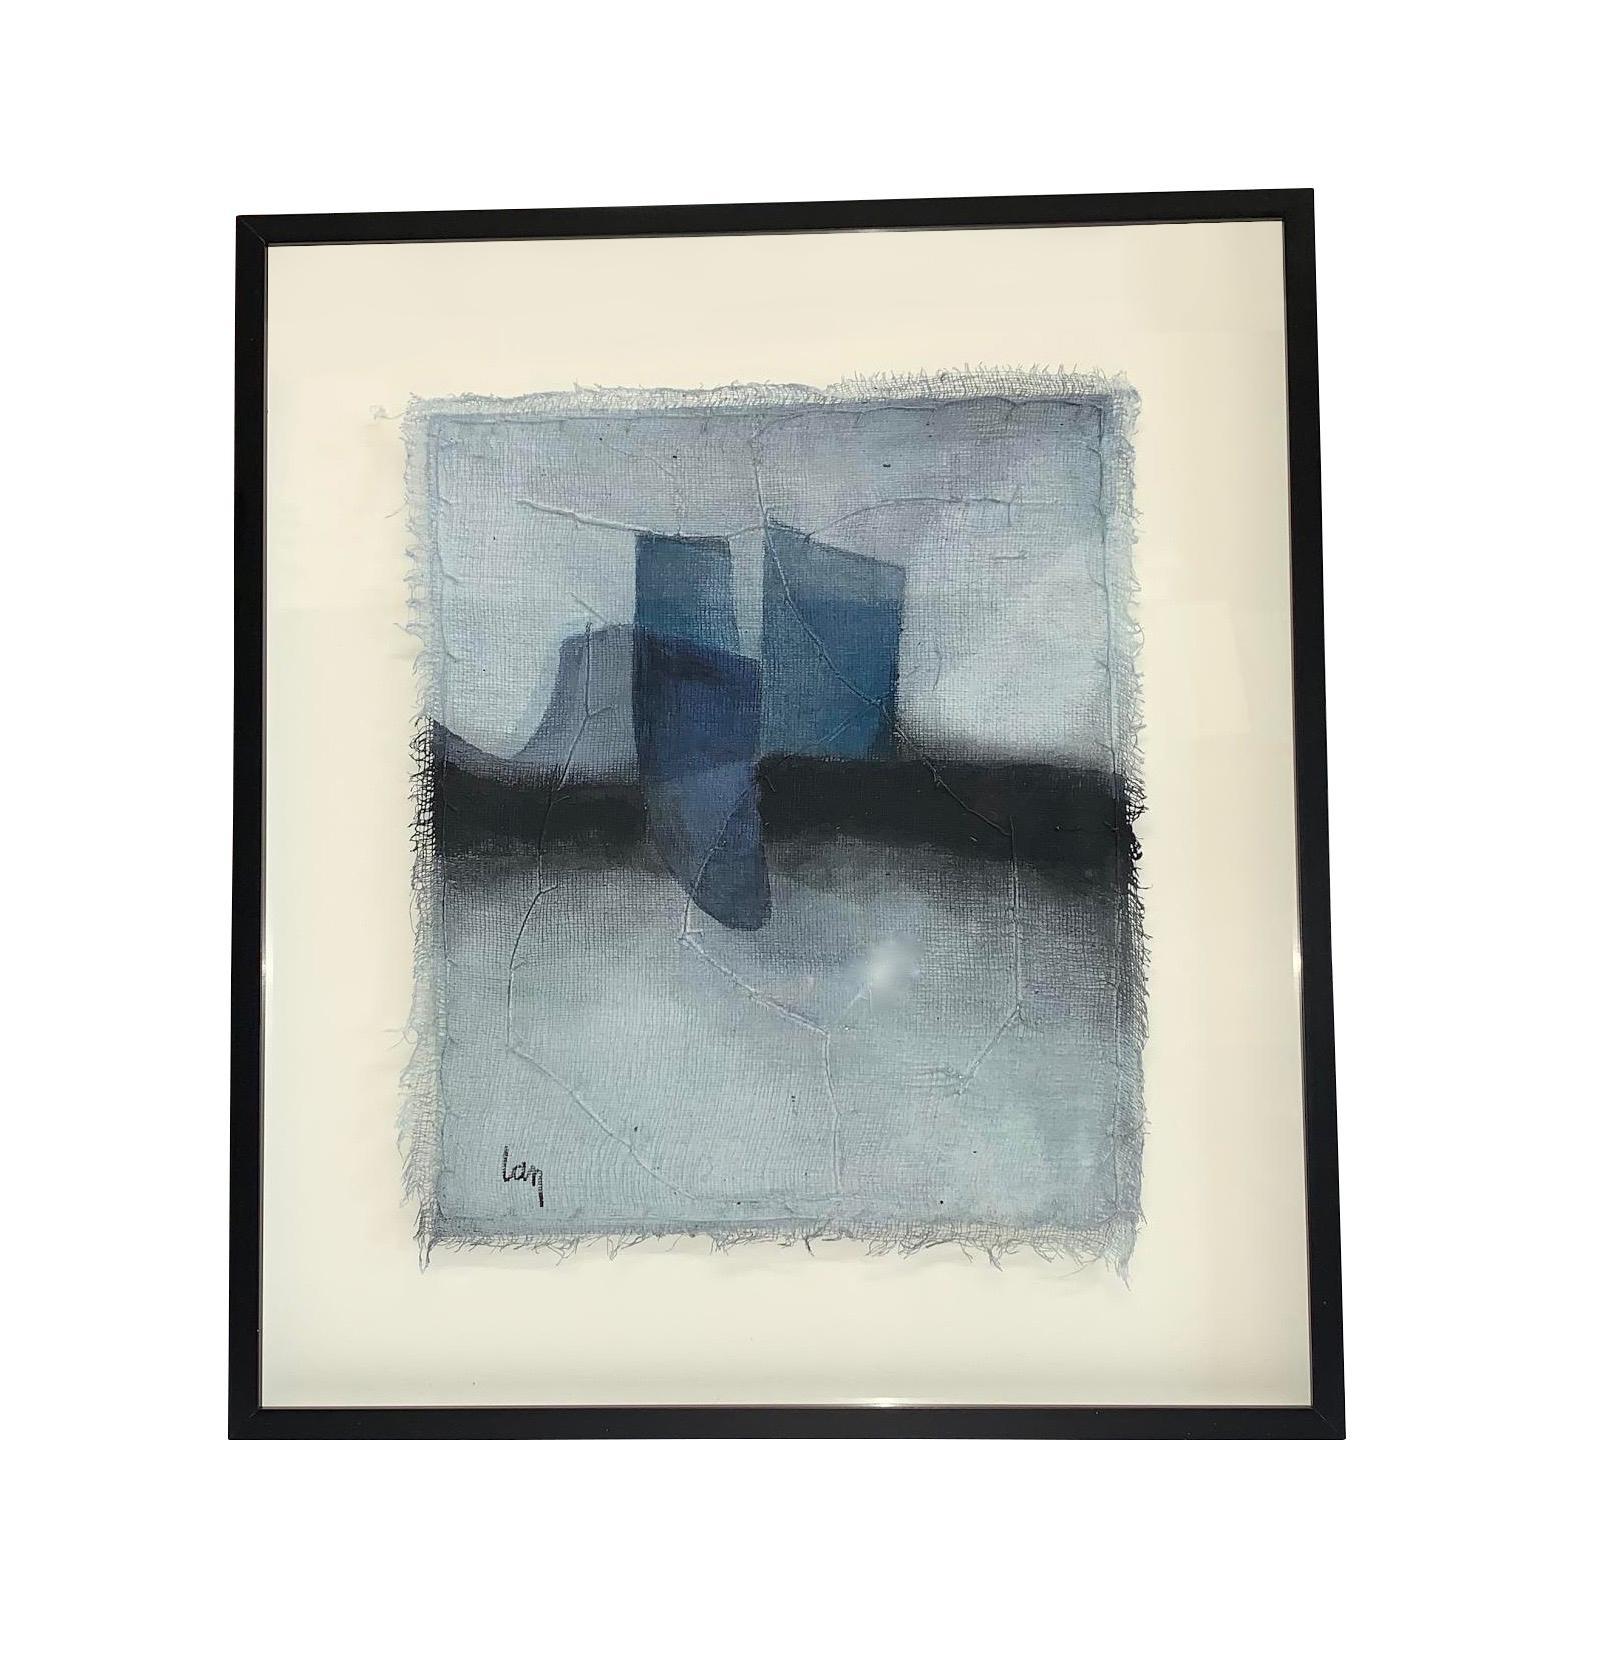 1624x1668 contemporary artist diane petry, belgium, contemporary for sale